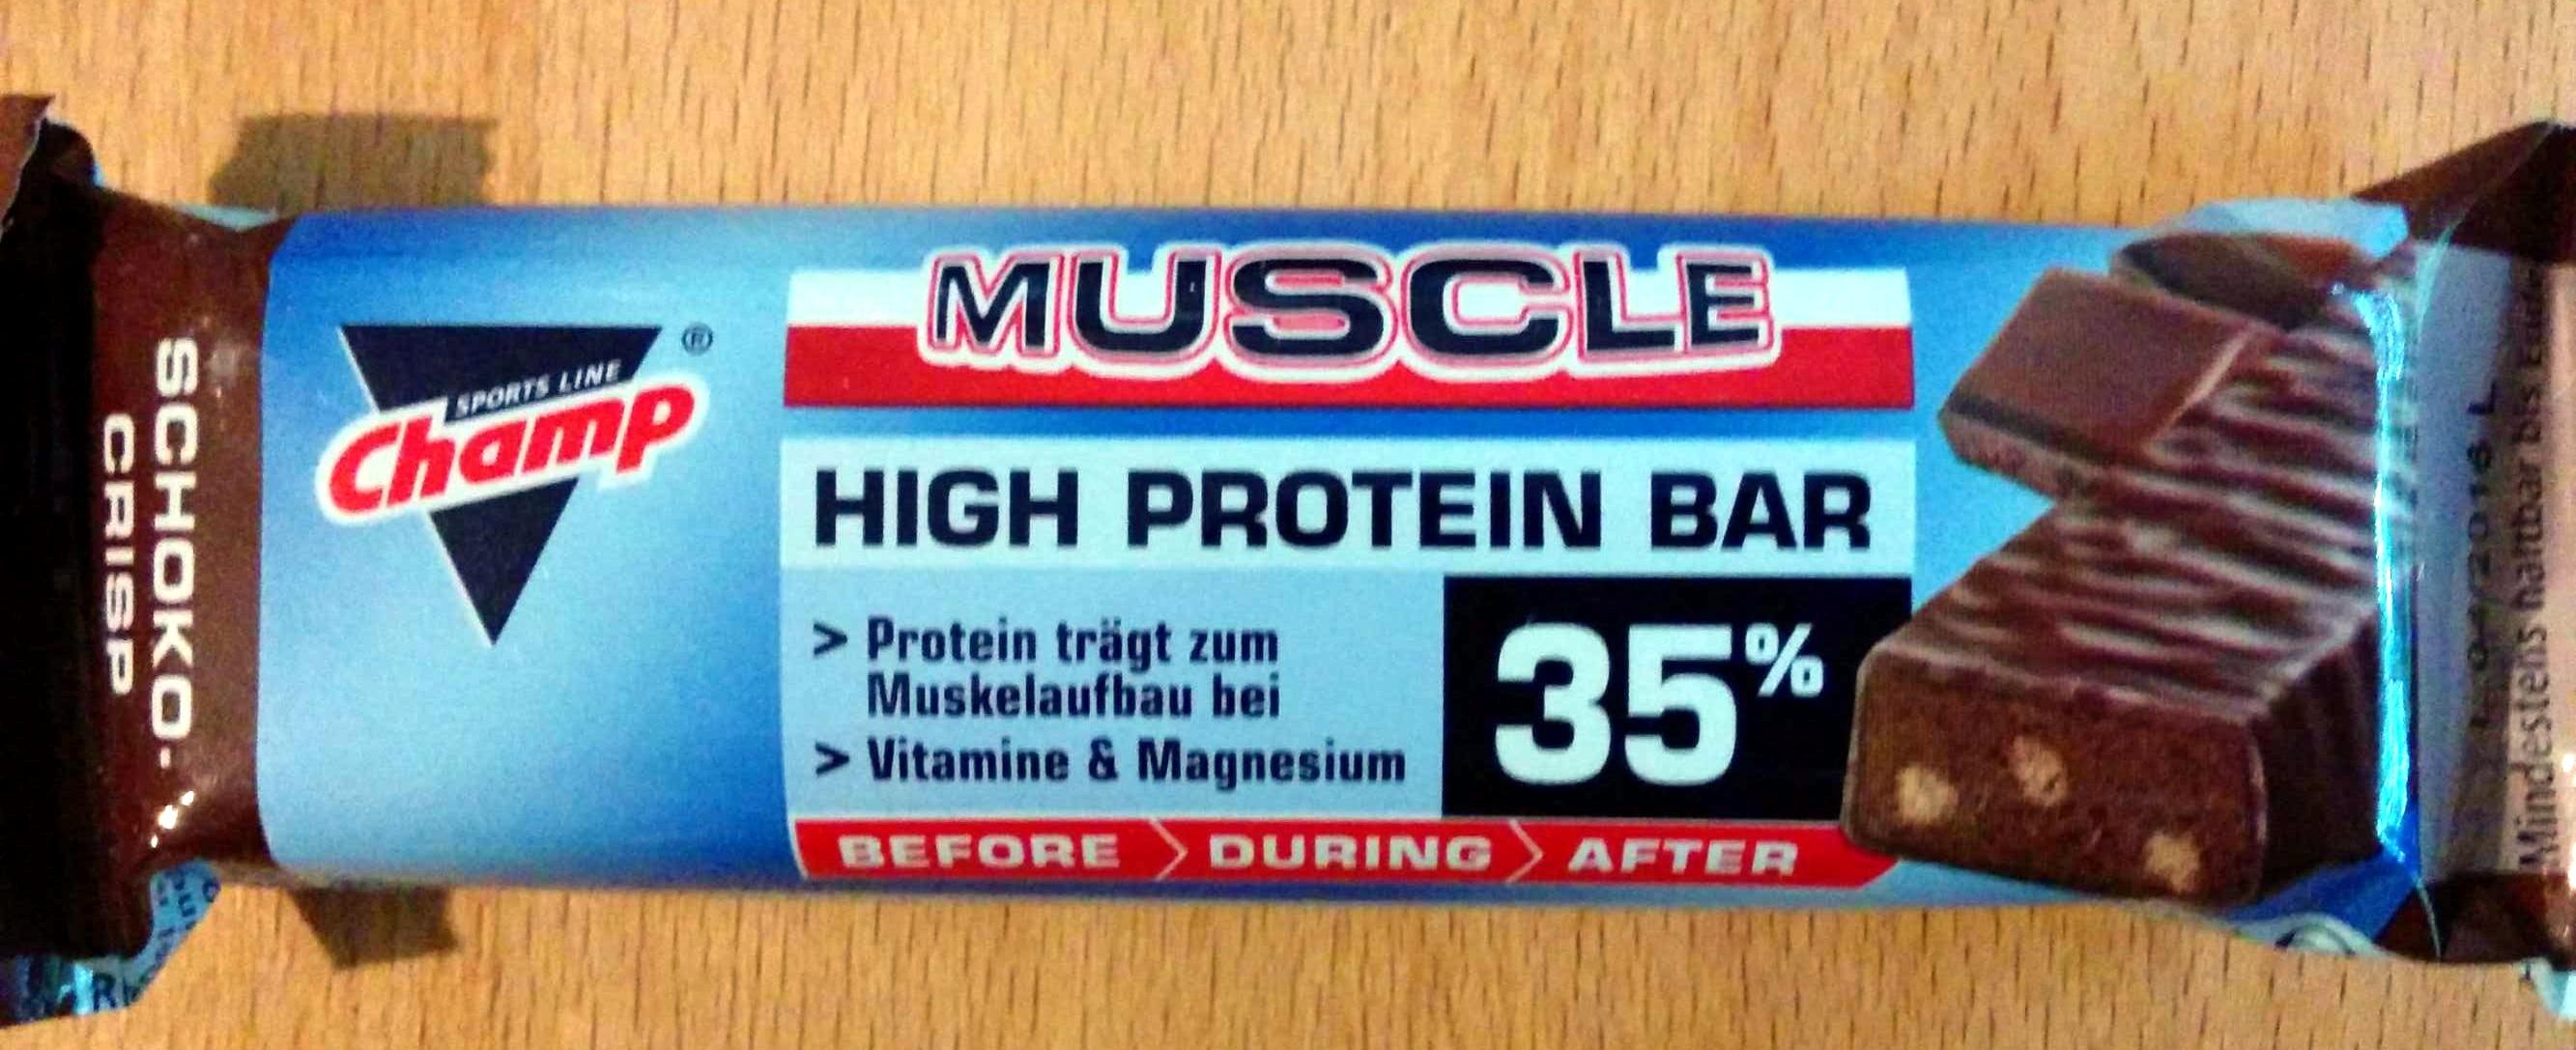 Muscle High Protein Bar 35% - Produkt - de